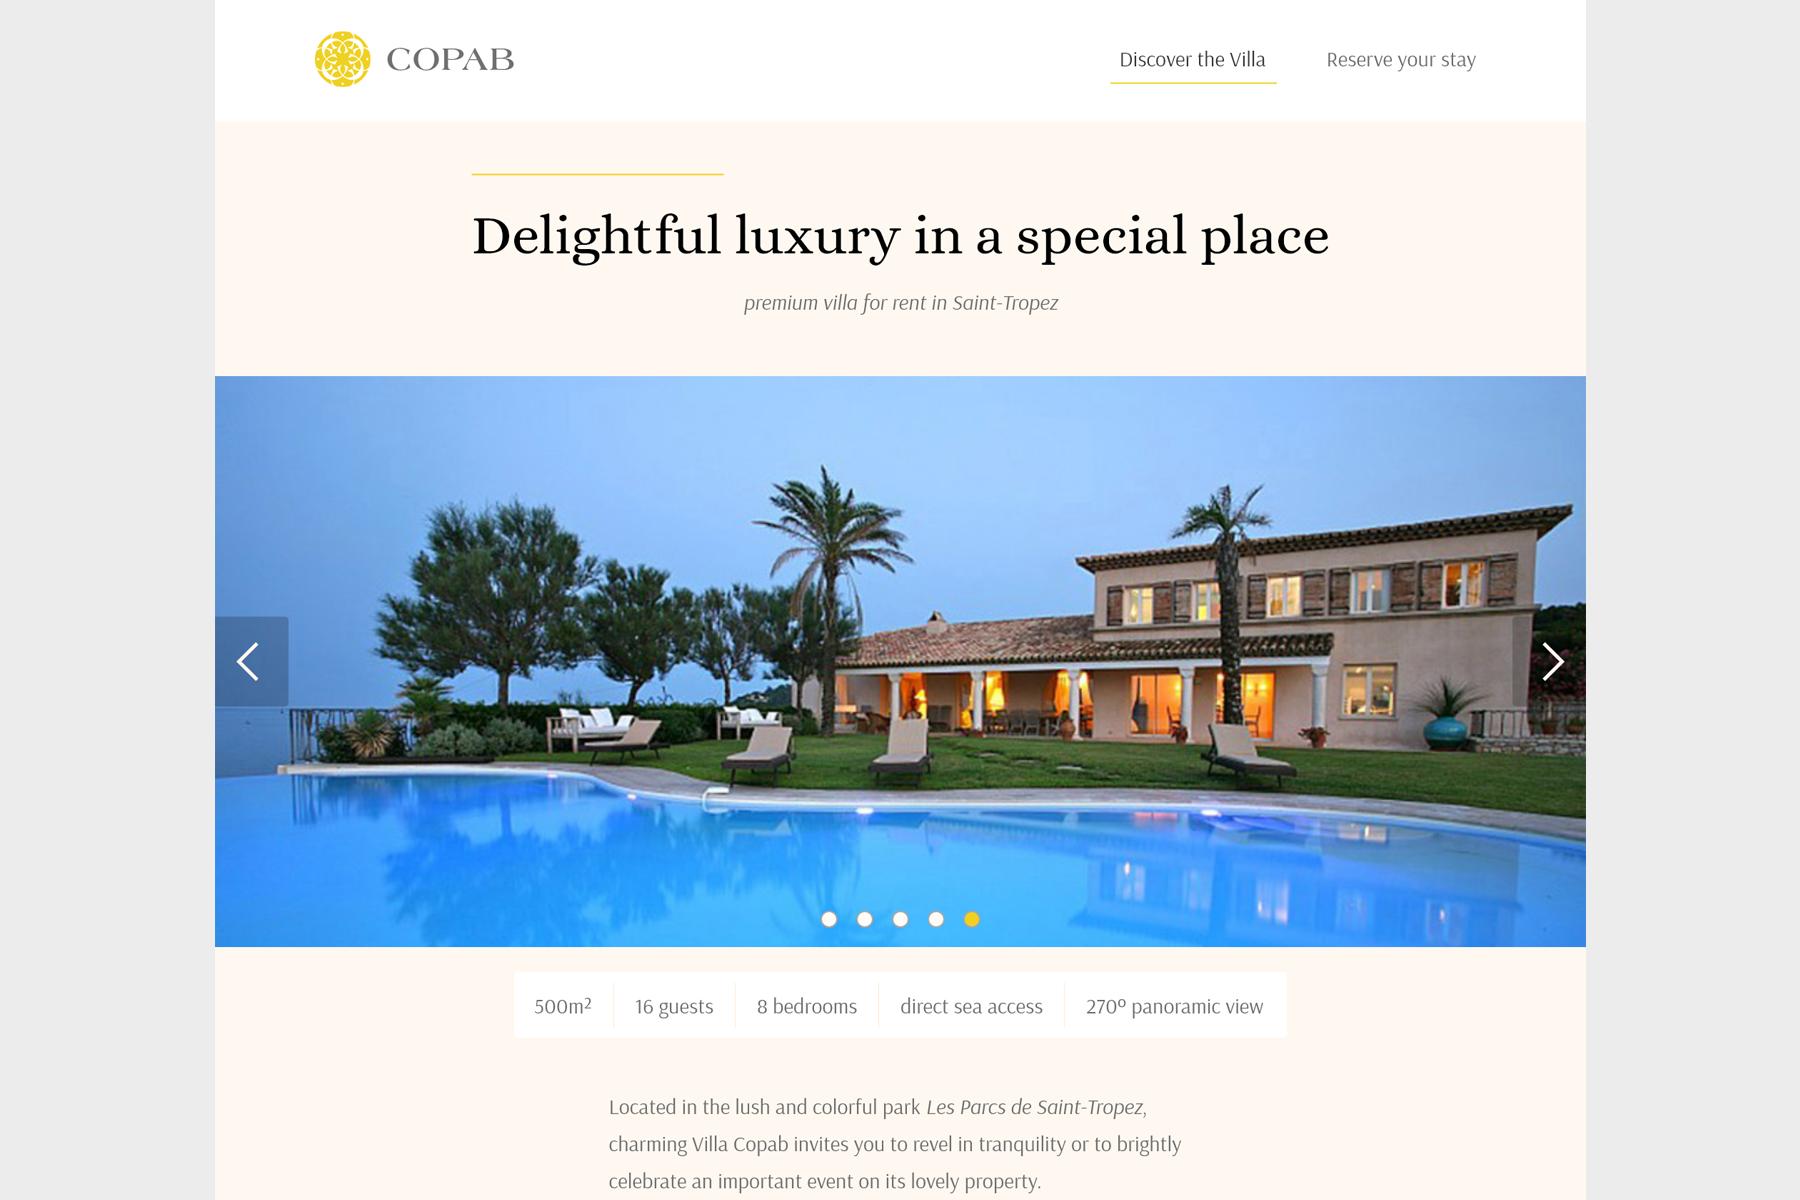 Villa-Copab_Visual-Identity-Design_11.jpg